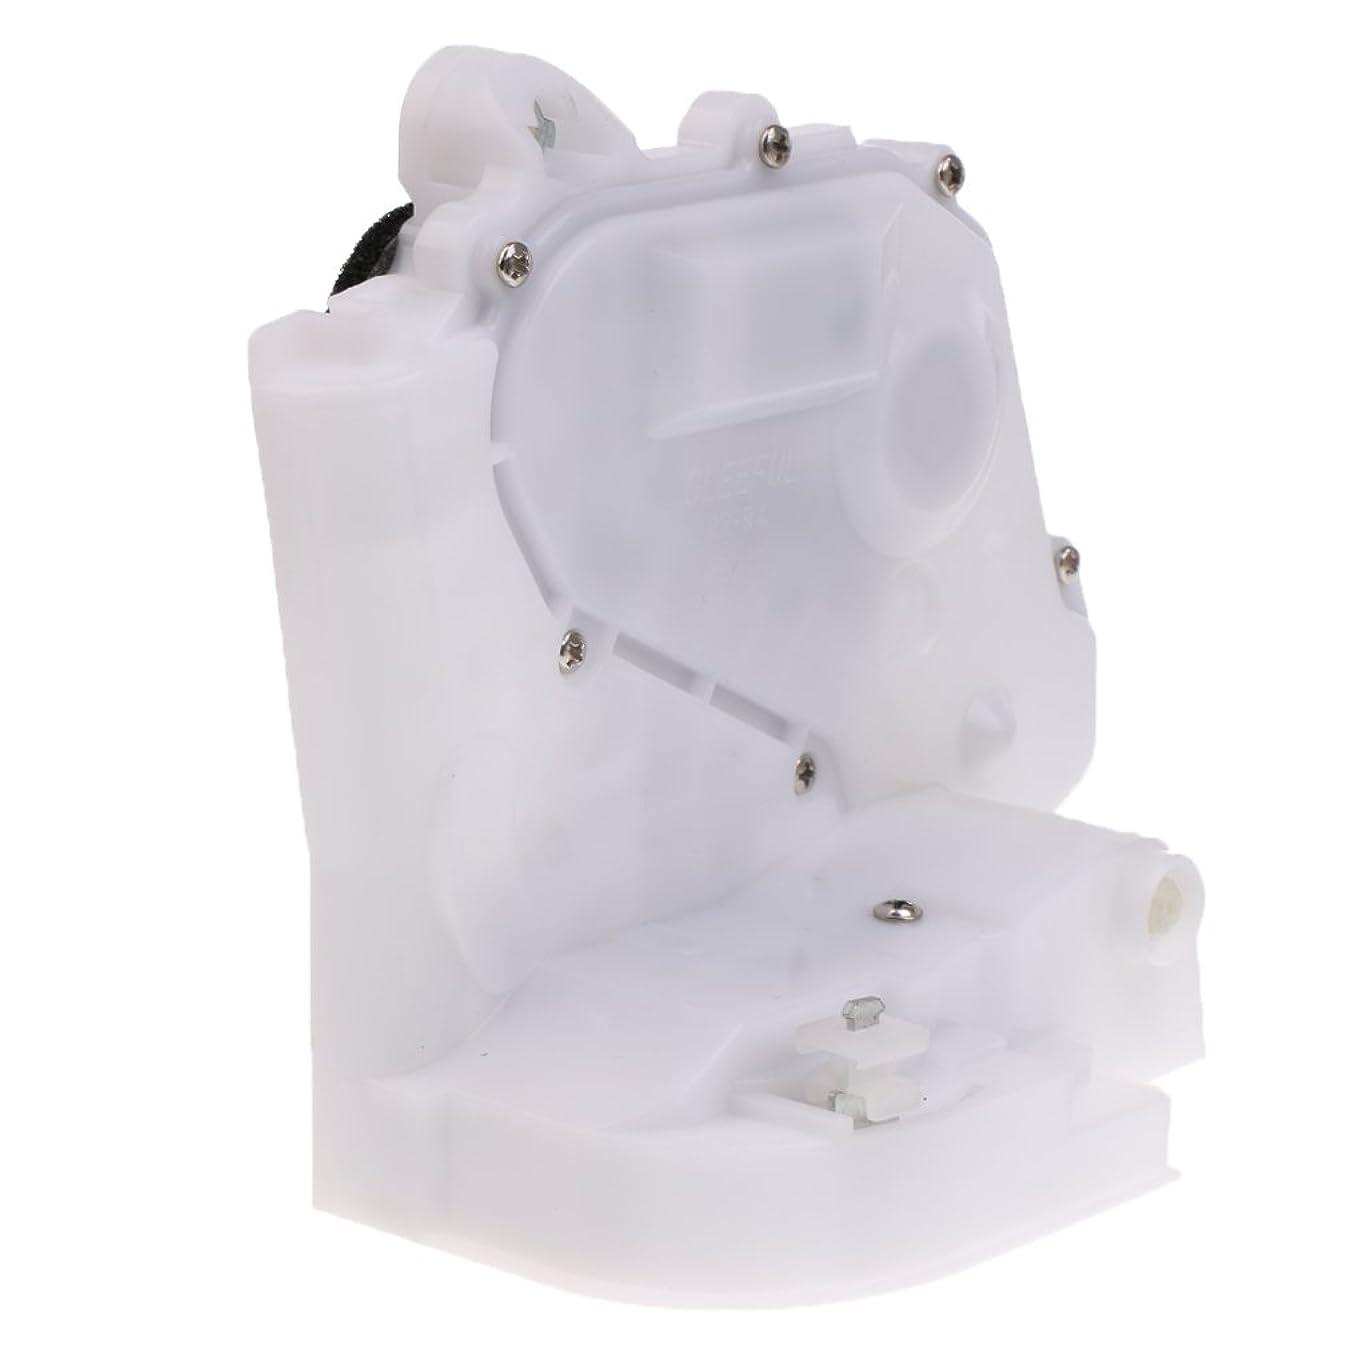 十分にベリ子供っぽい72610-SWA-A01 ドアロックアクチュエータ ホワイト ホンダCR-V 2007-2011 に適用 ドアロック パワー センサー